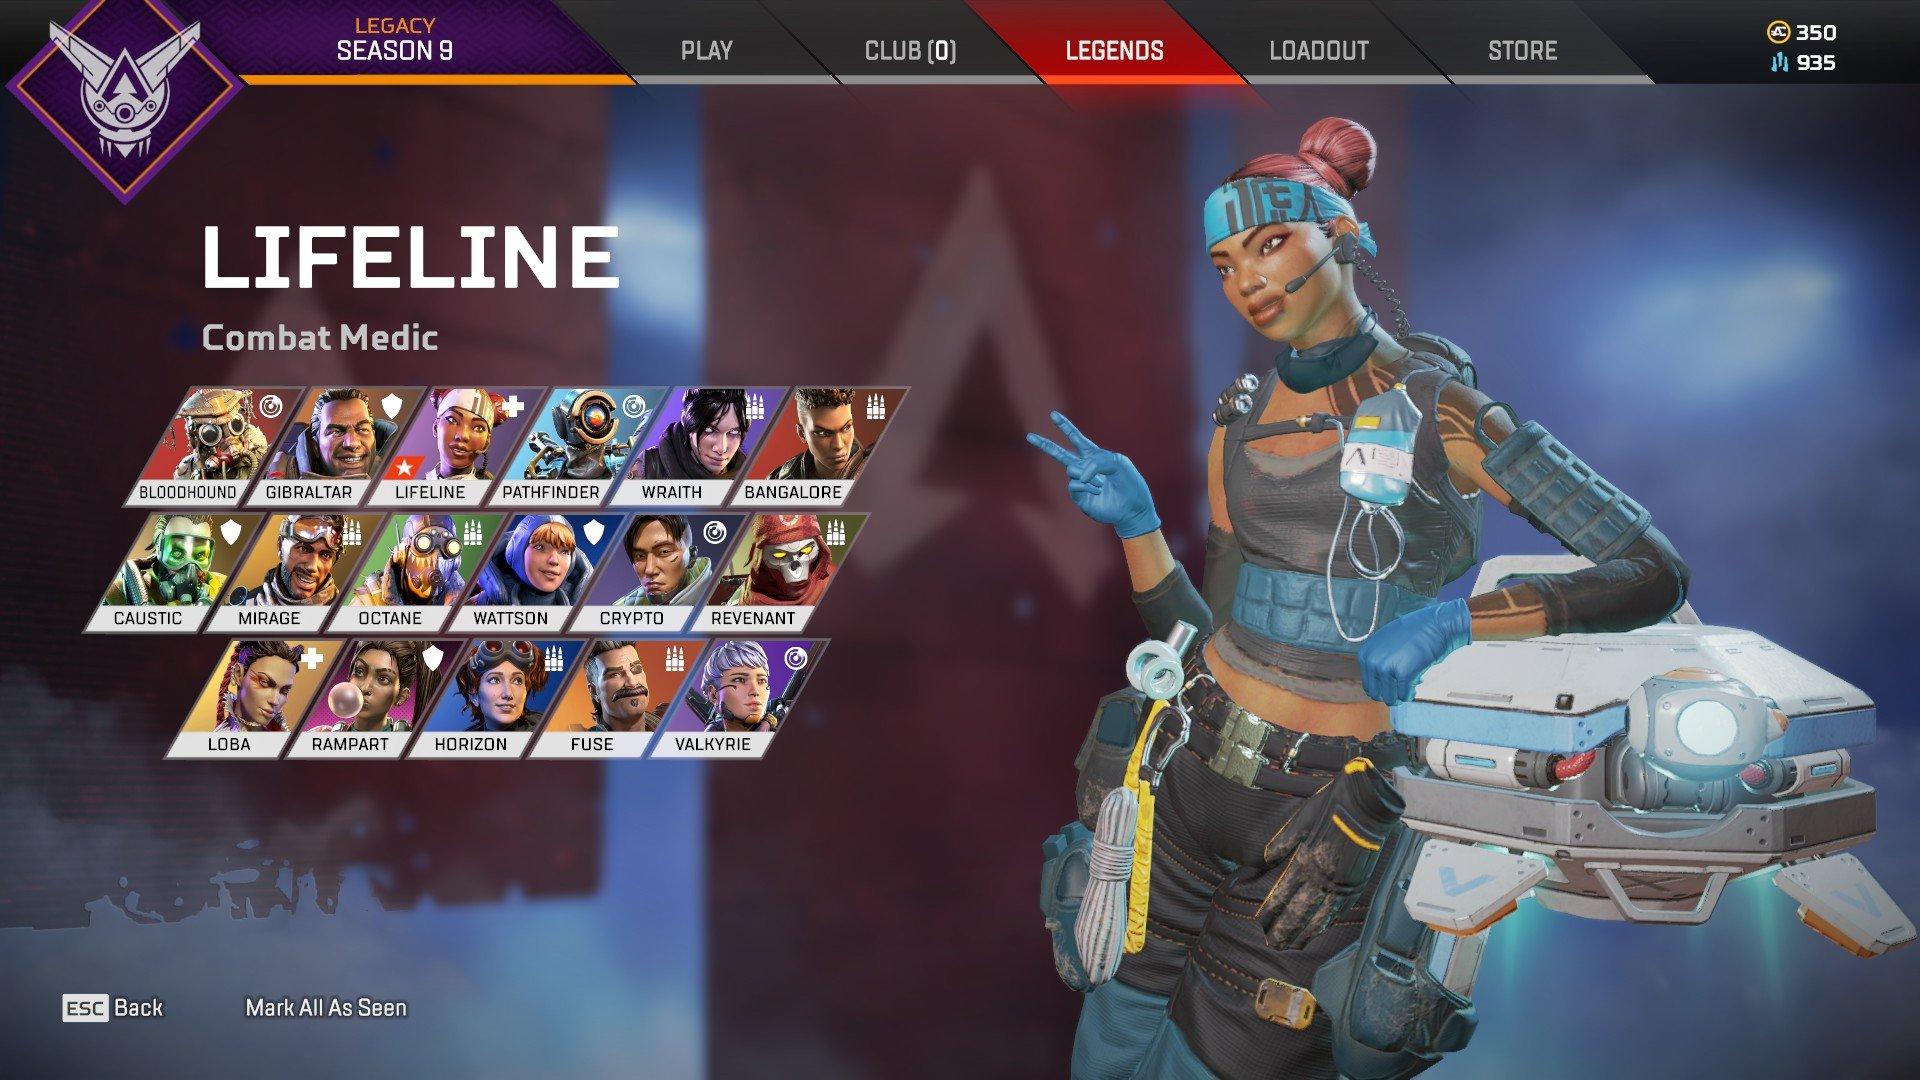 Apex Legends - Lifeline Character Arena